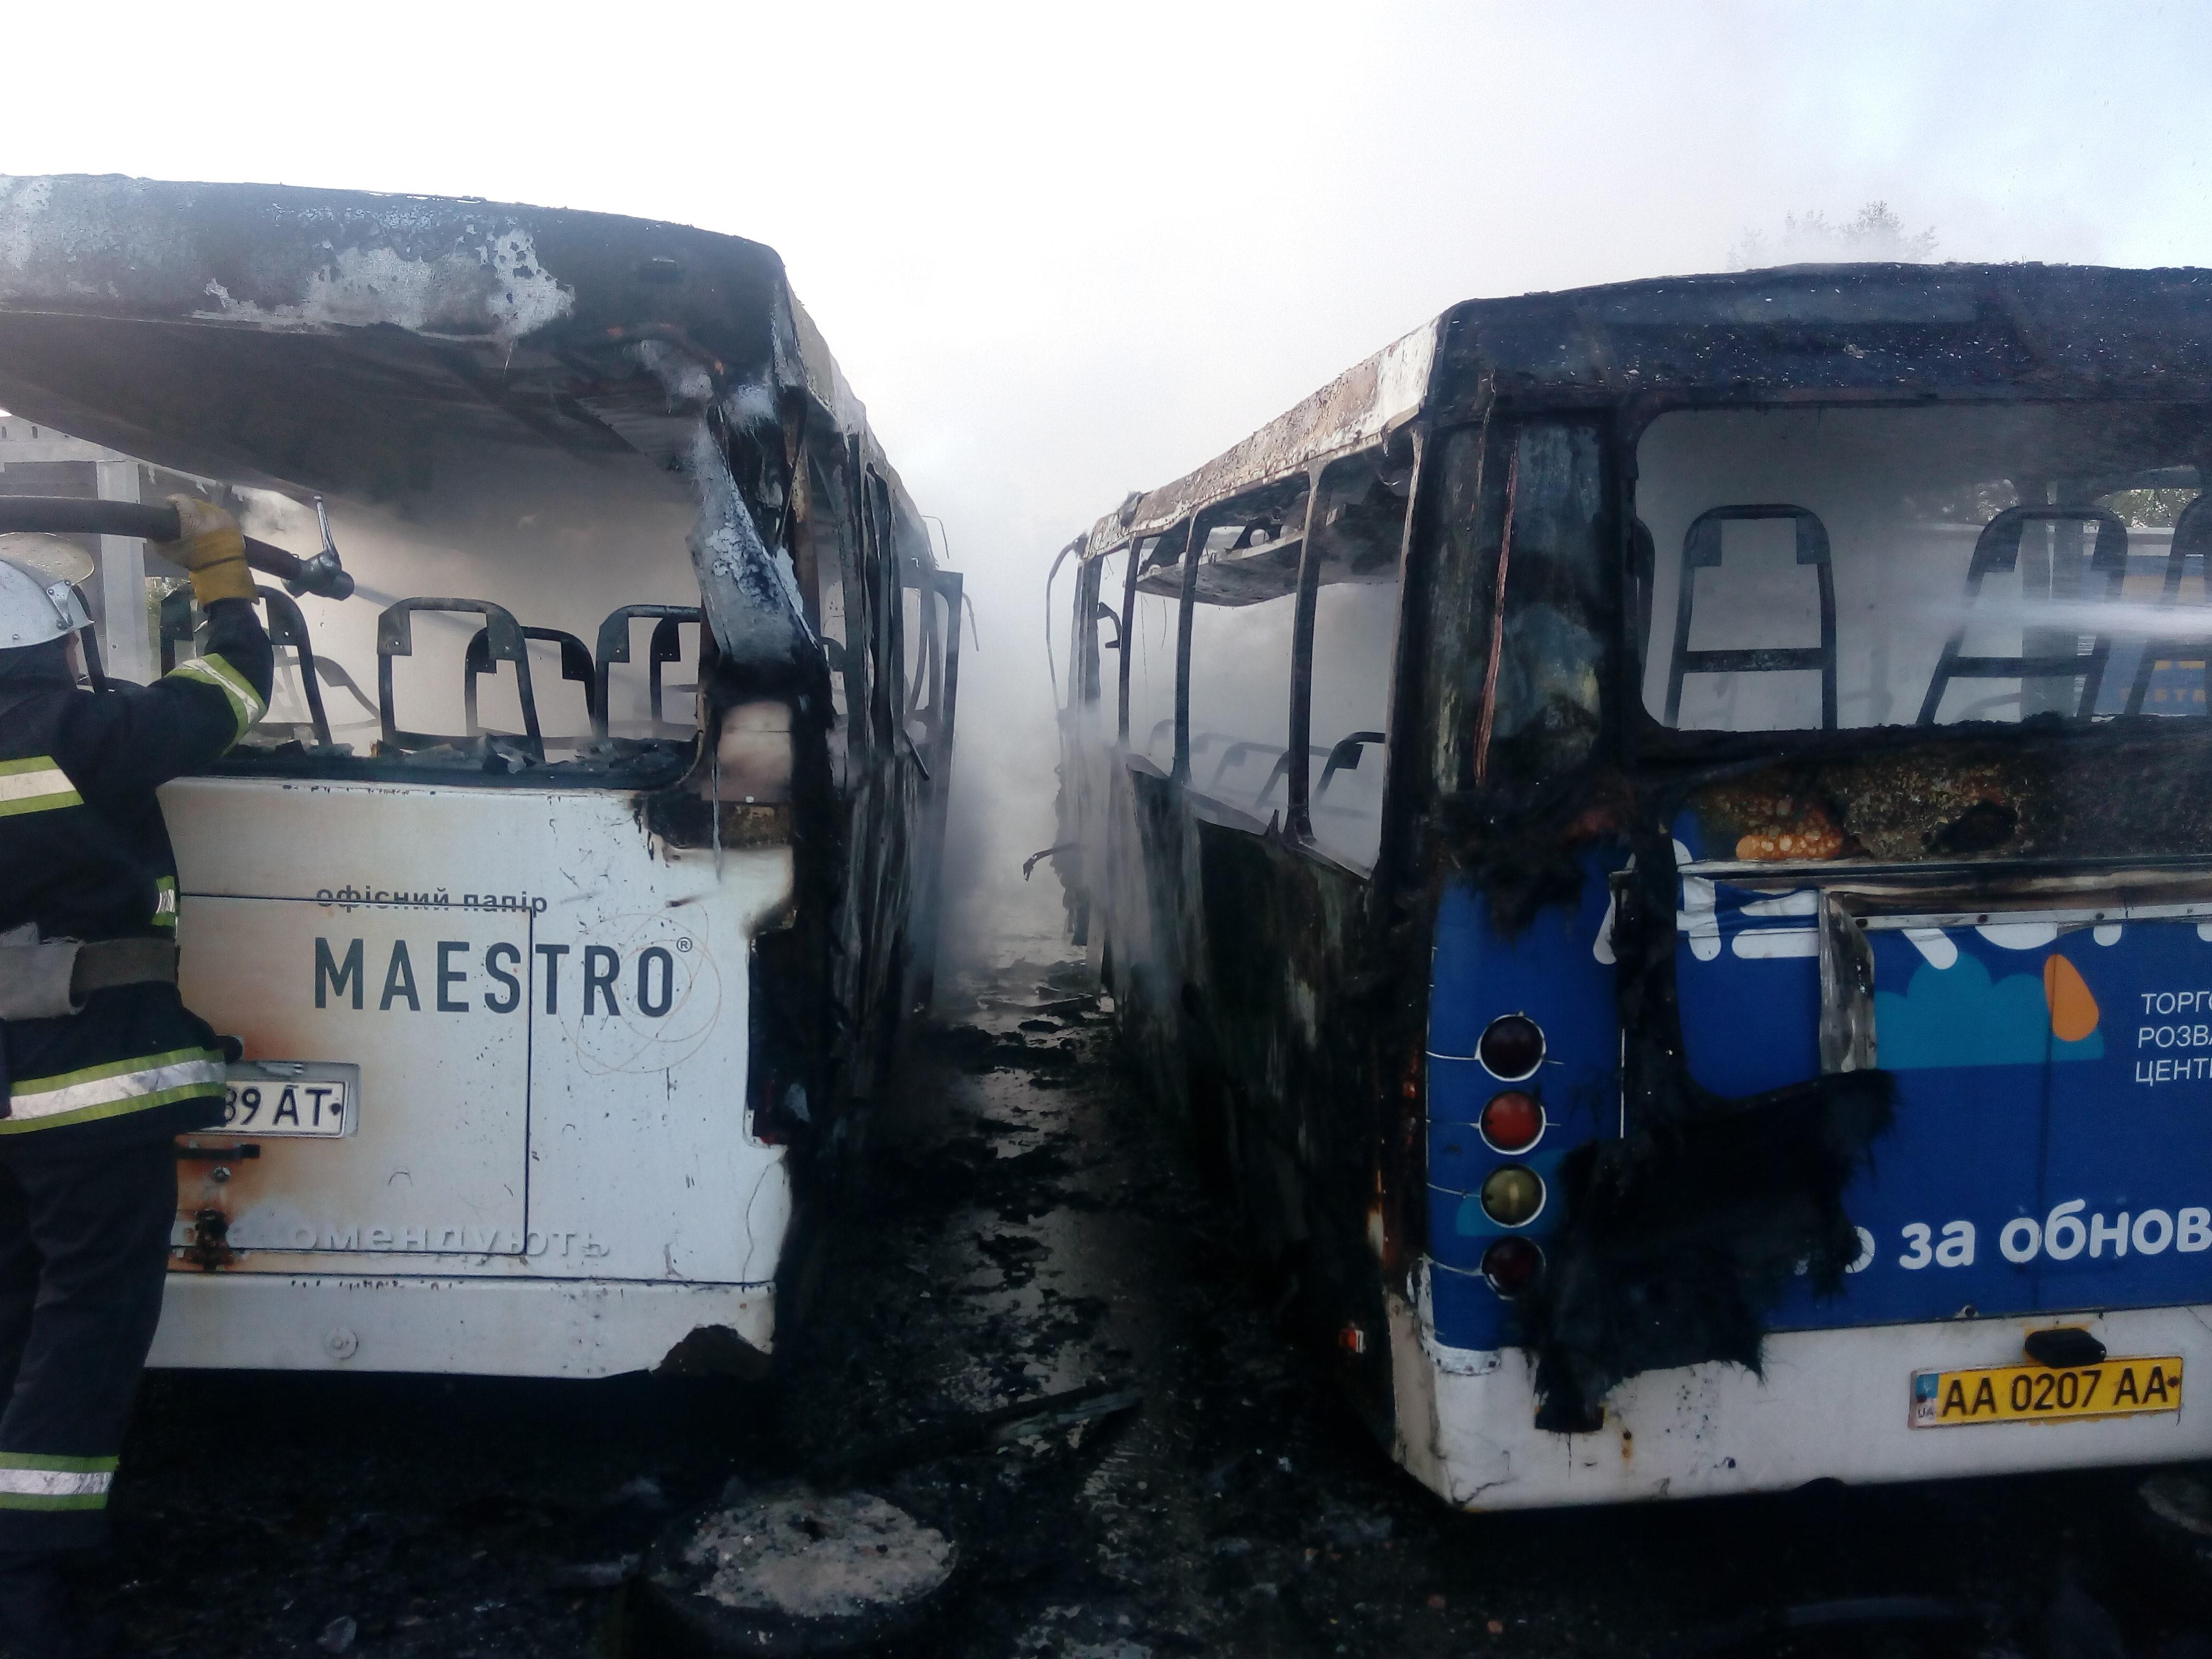 НаМКАД назападе столицы загорелись два автобуса